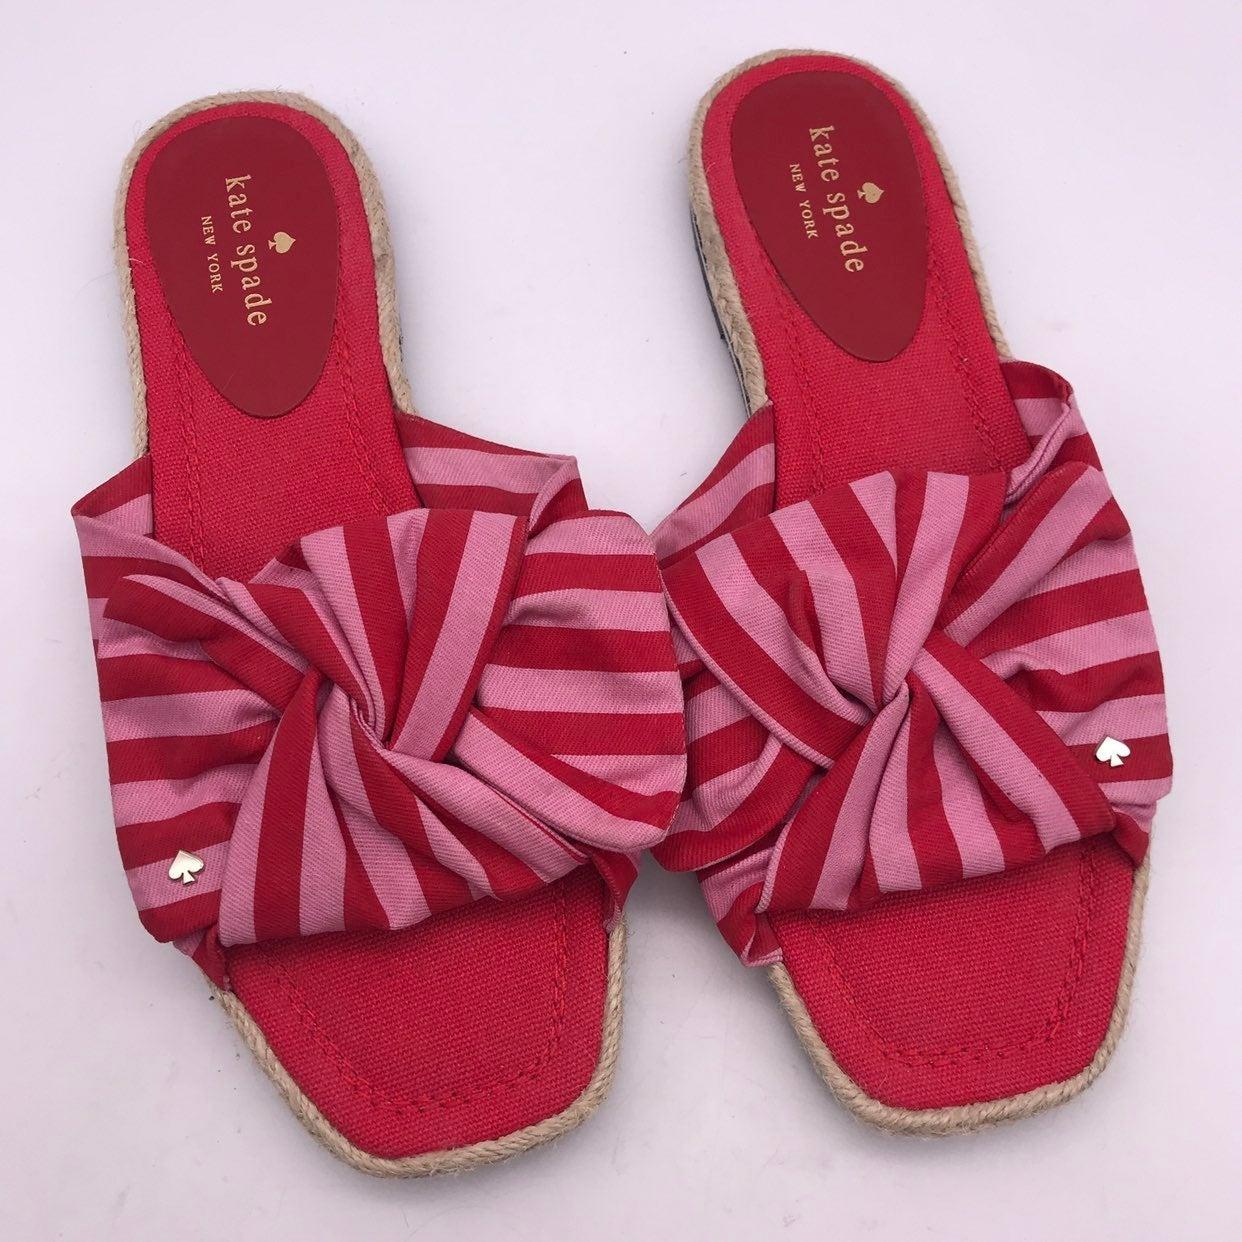 Kate Spade 9.5 Striped Slide Sandals